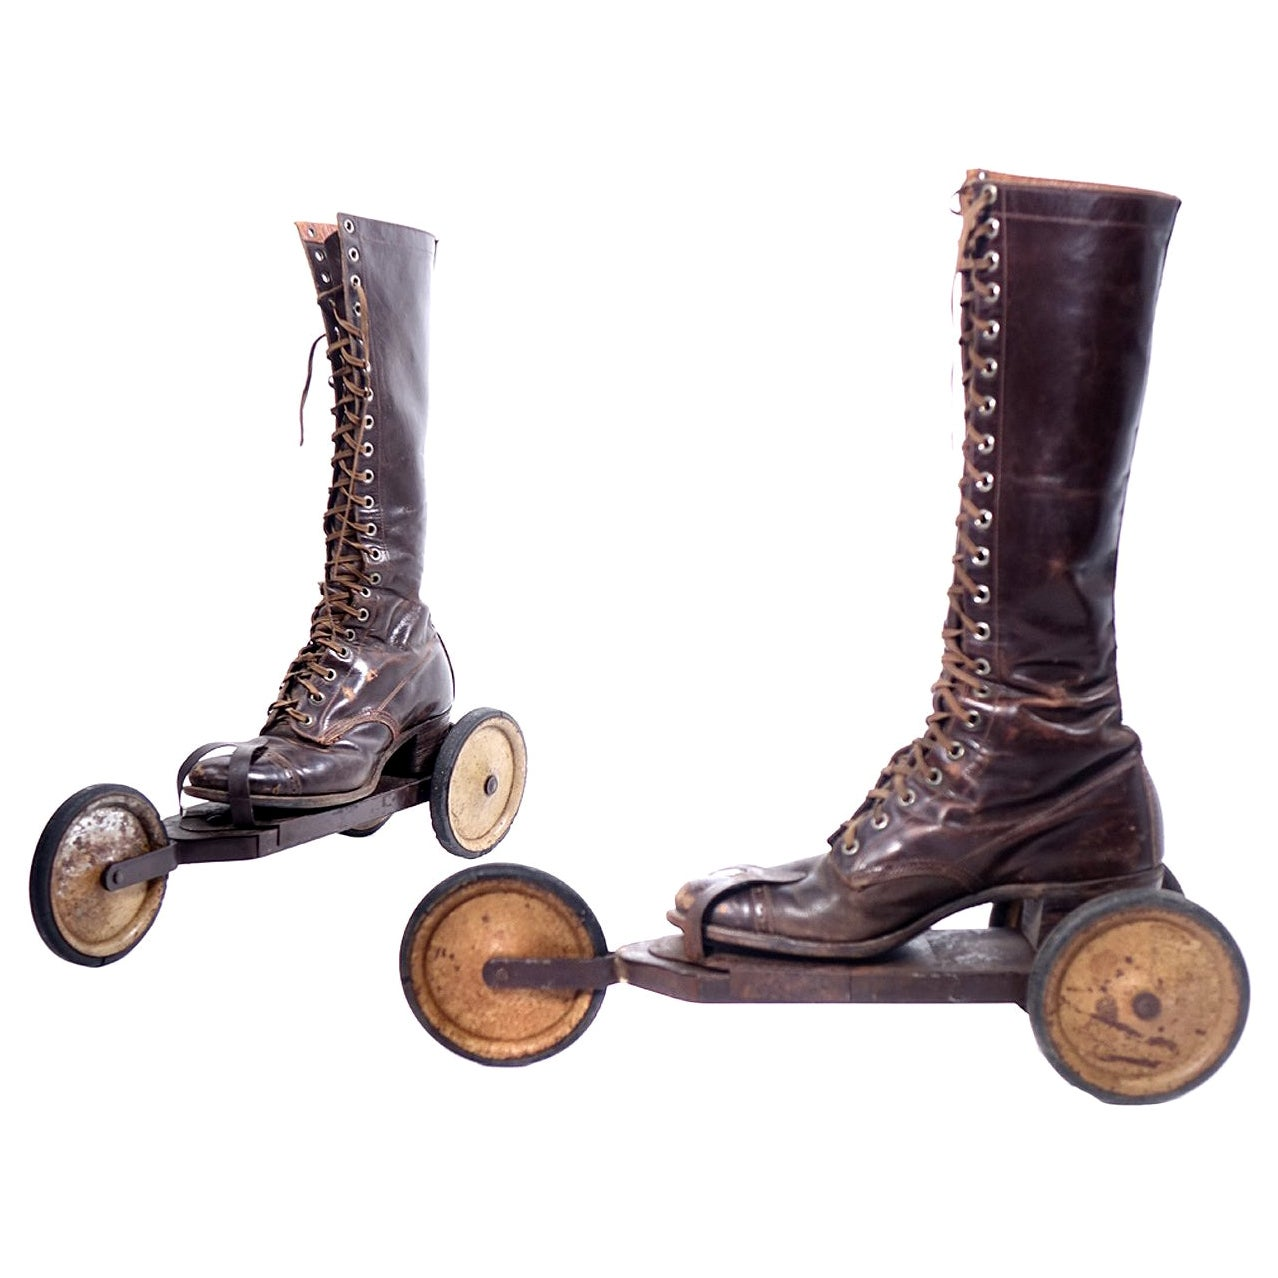 Roller Skates, circa 1910s